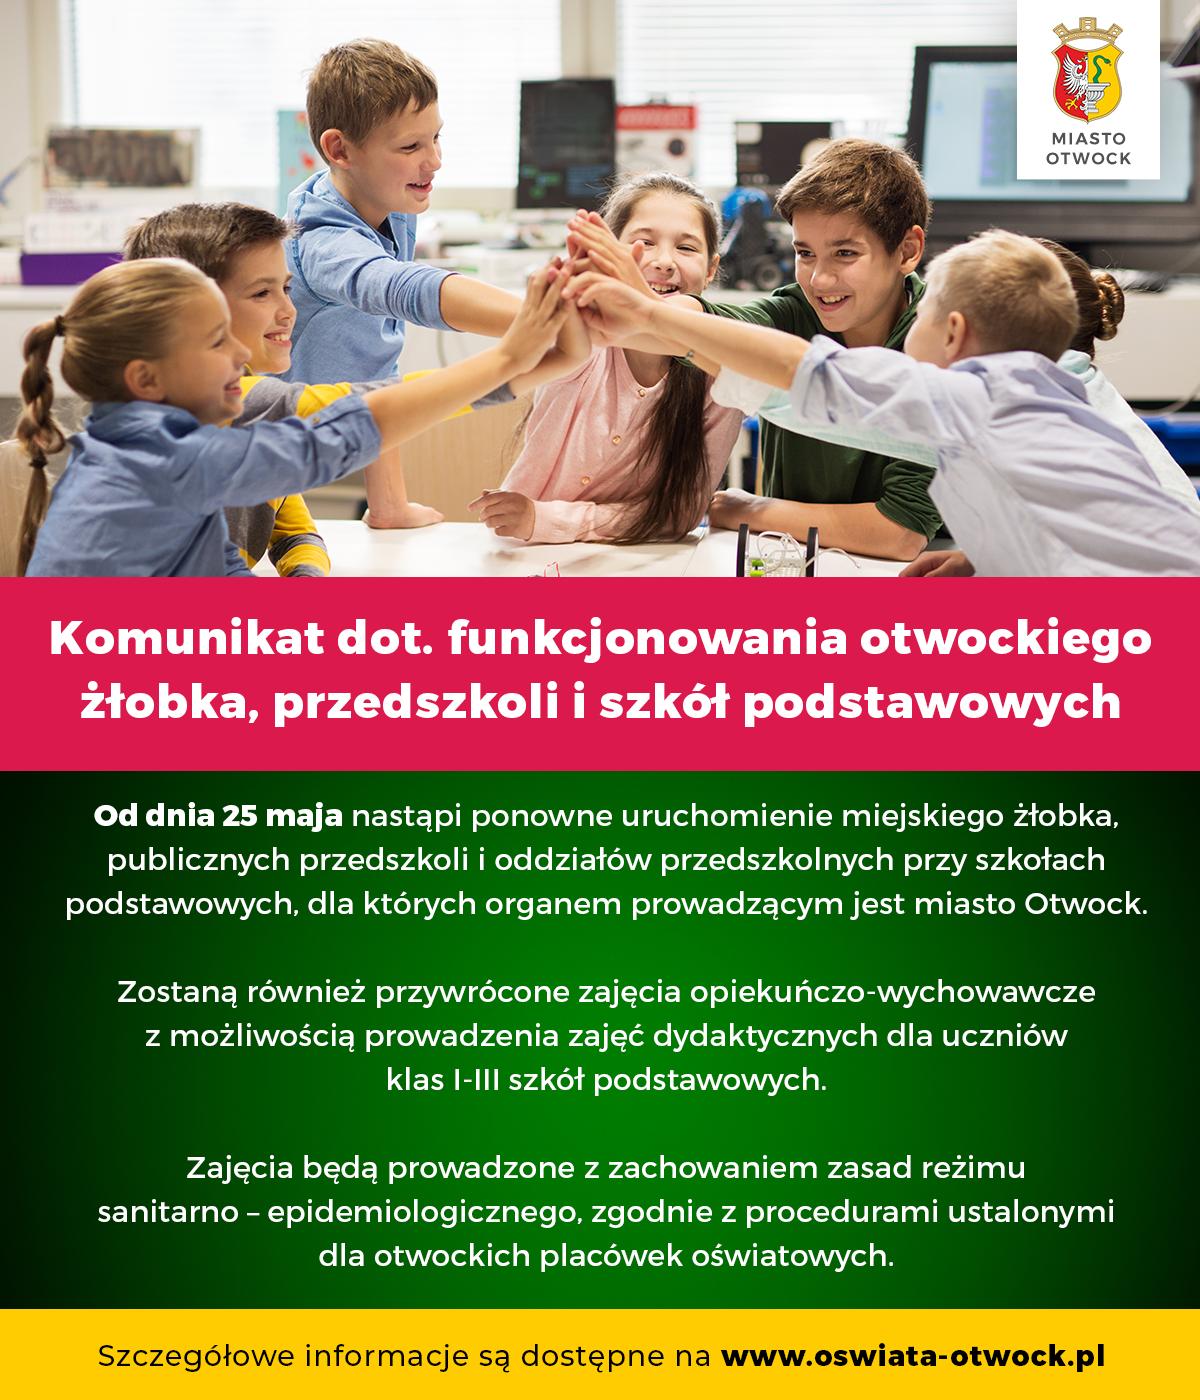 Komunikat dotyczący funkcjonowania otwockiego żłobka, przedszkoli i szkół podstawowych